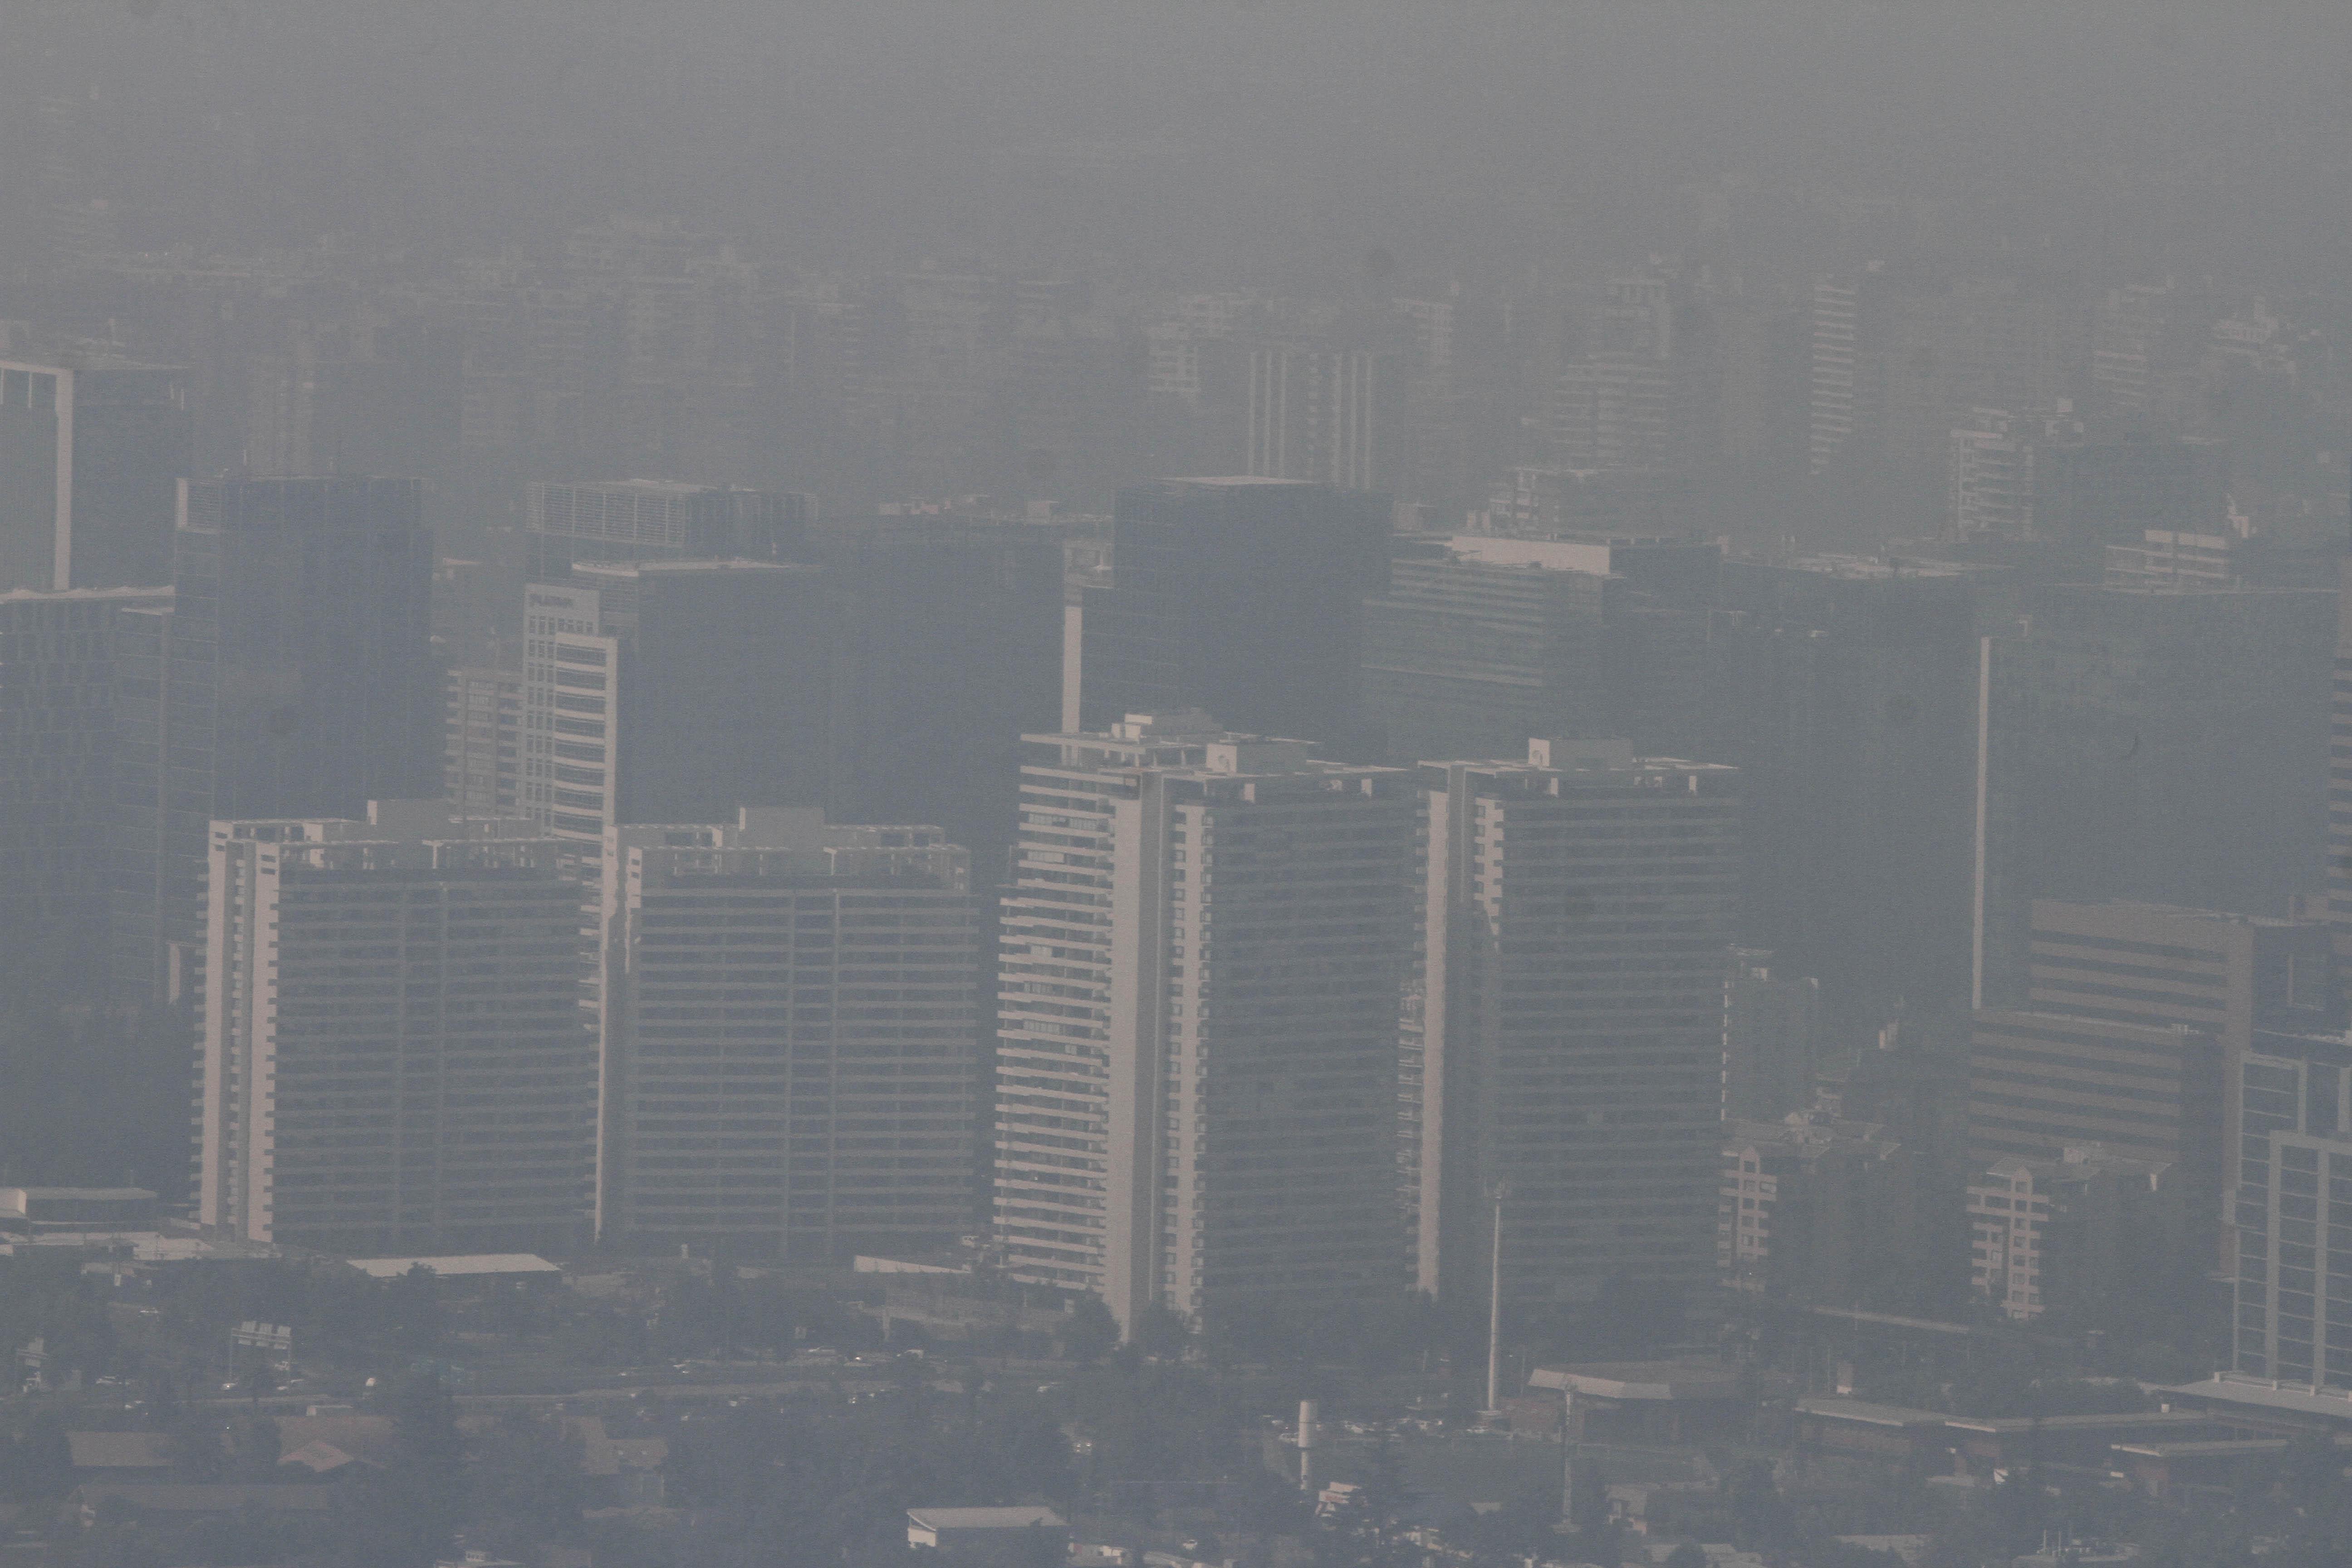 FOTOS | Santiago tapado en smog: así amaneció la capital cubierta de humo